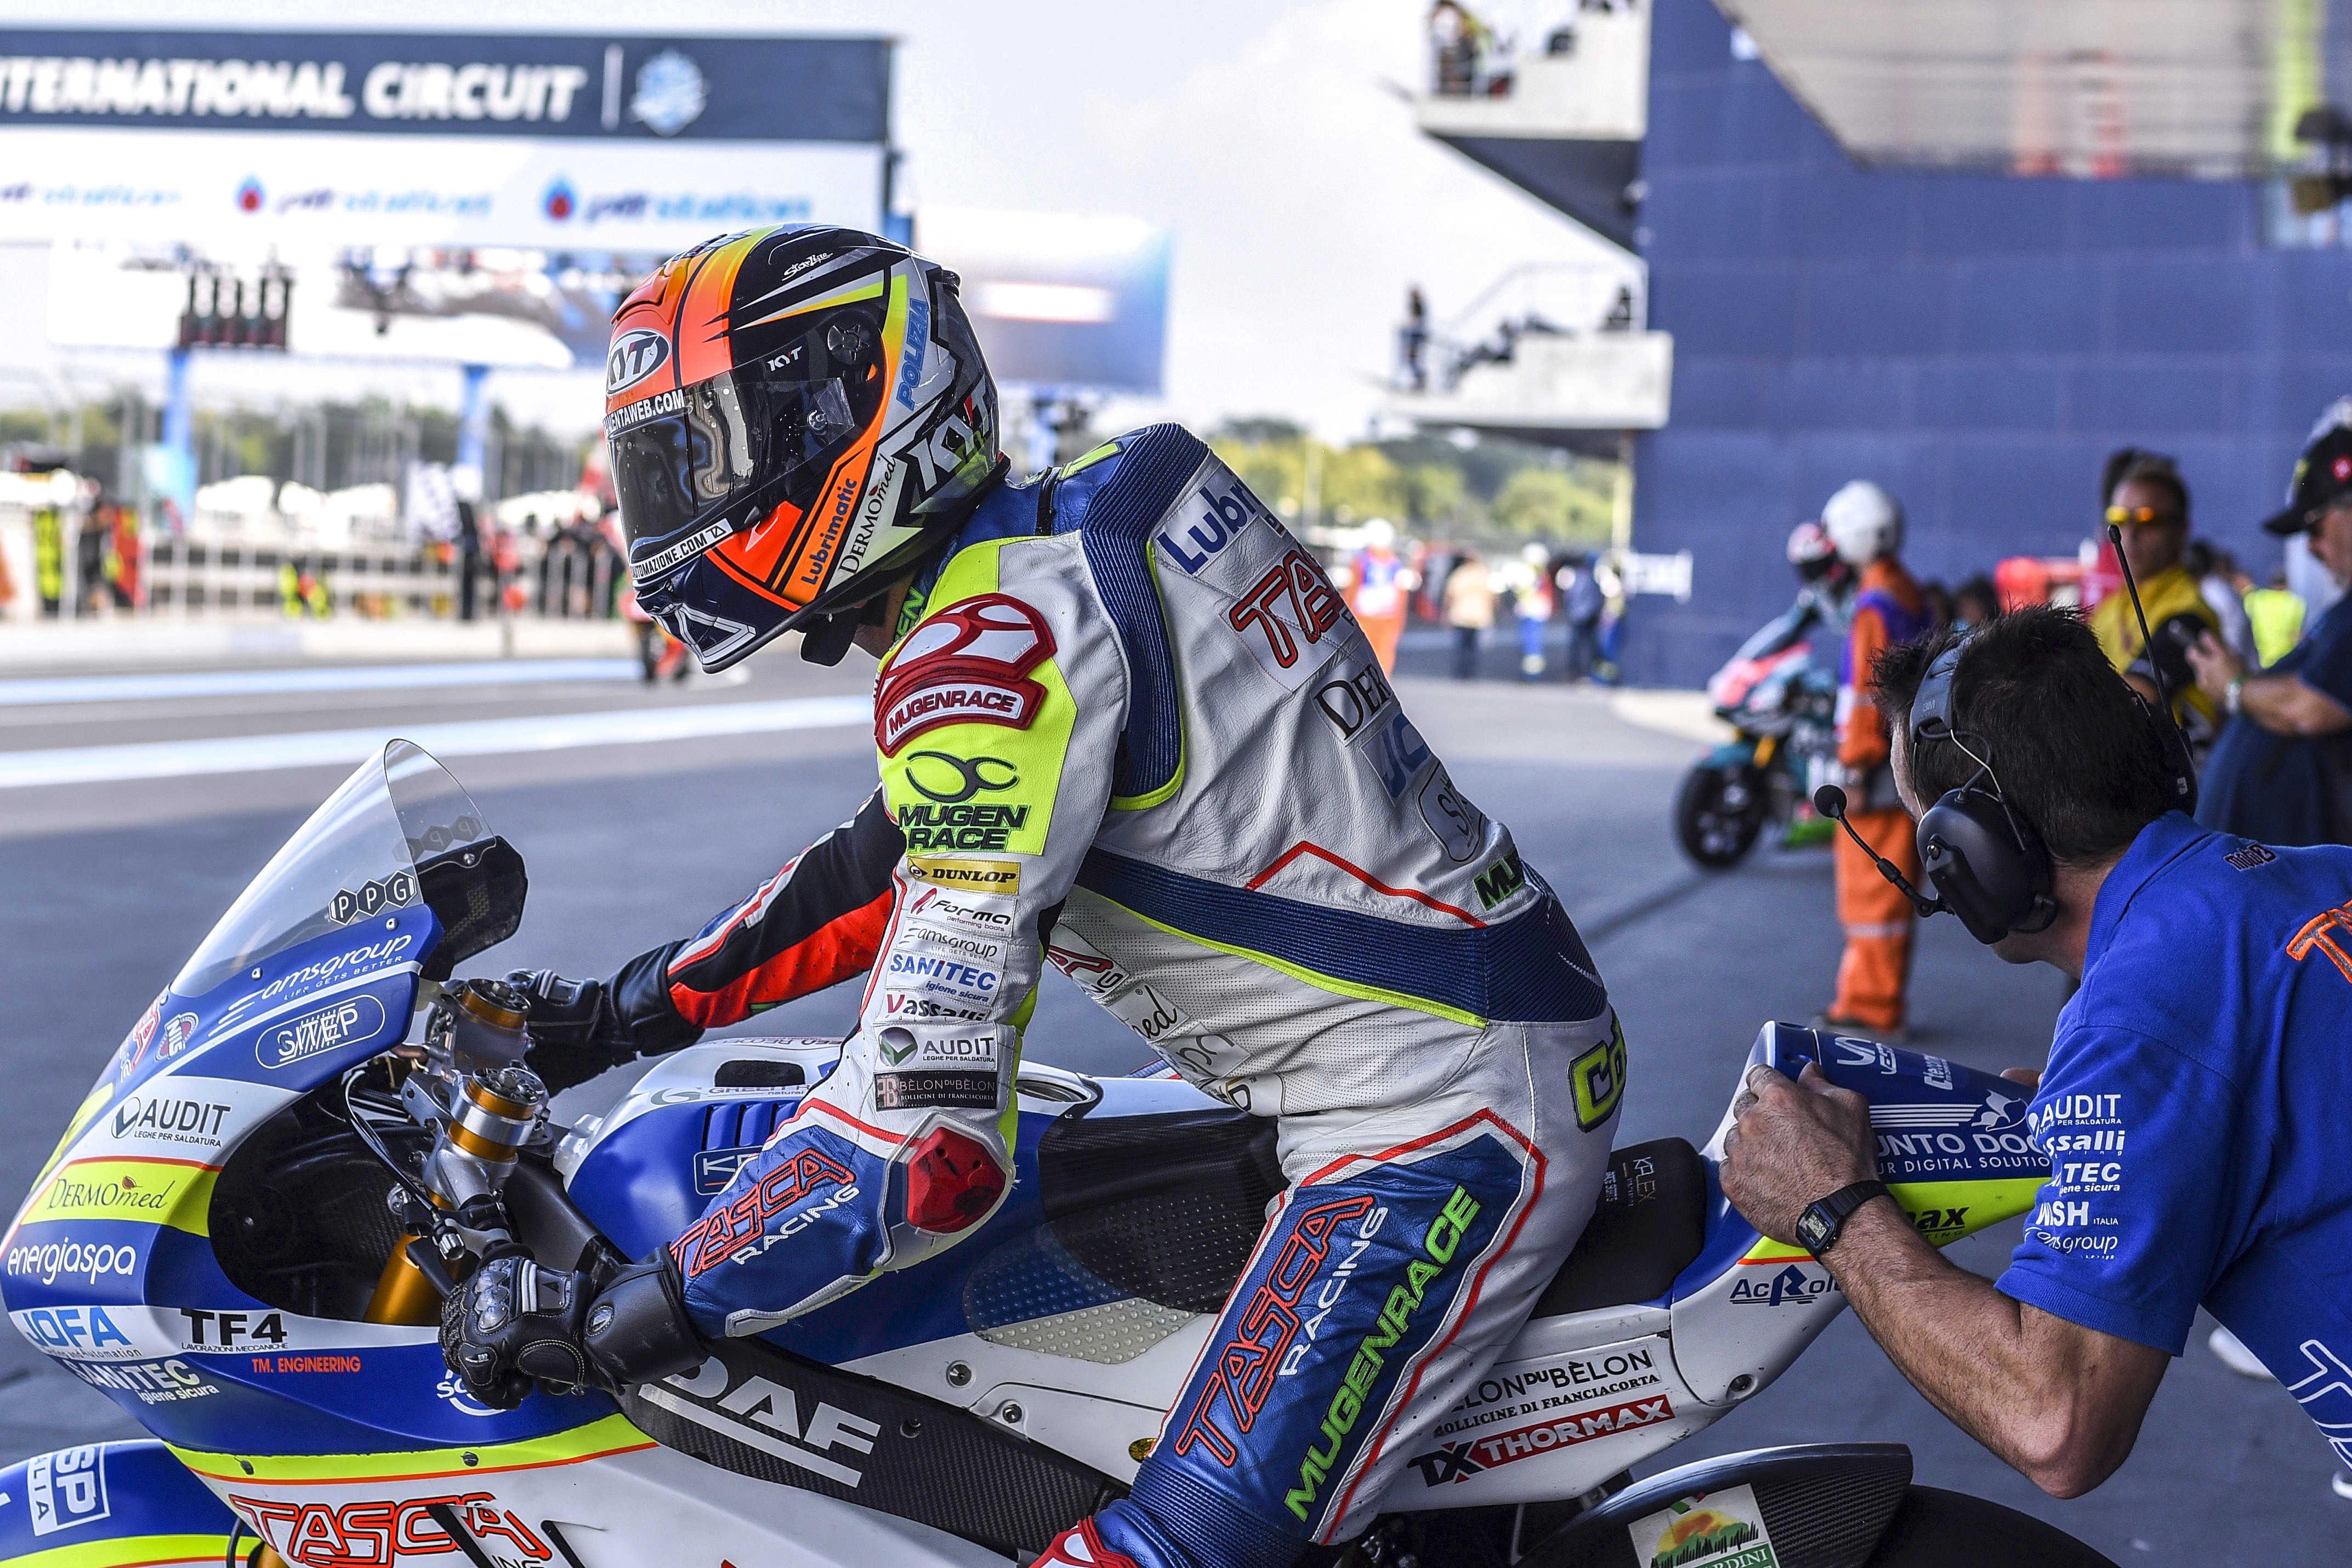 Thailandia GP Moto 2 – 2018